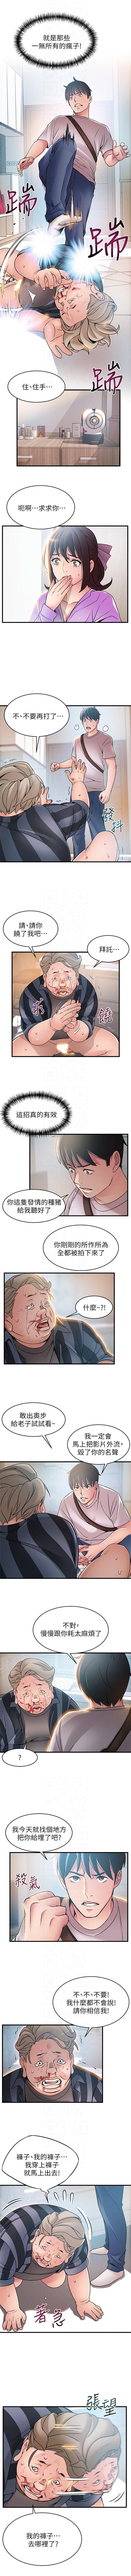 弱点 1-64 中文翻译(更新中) 217